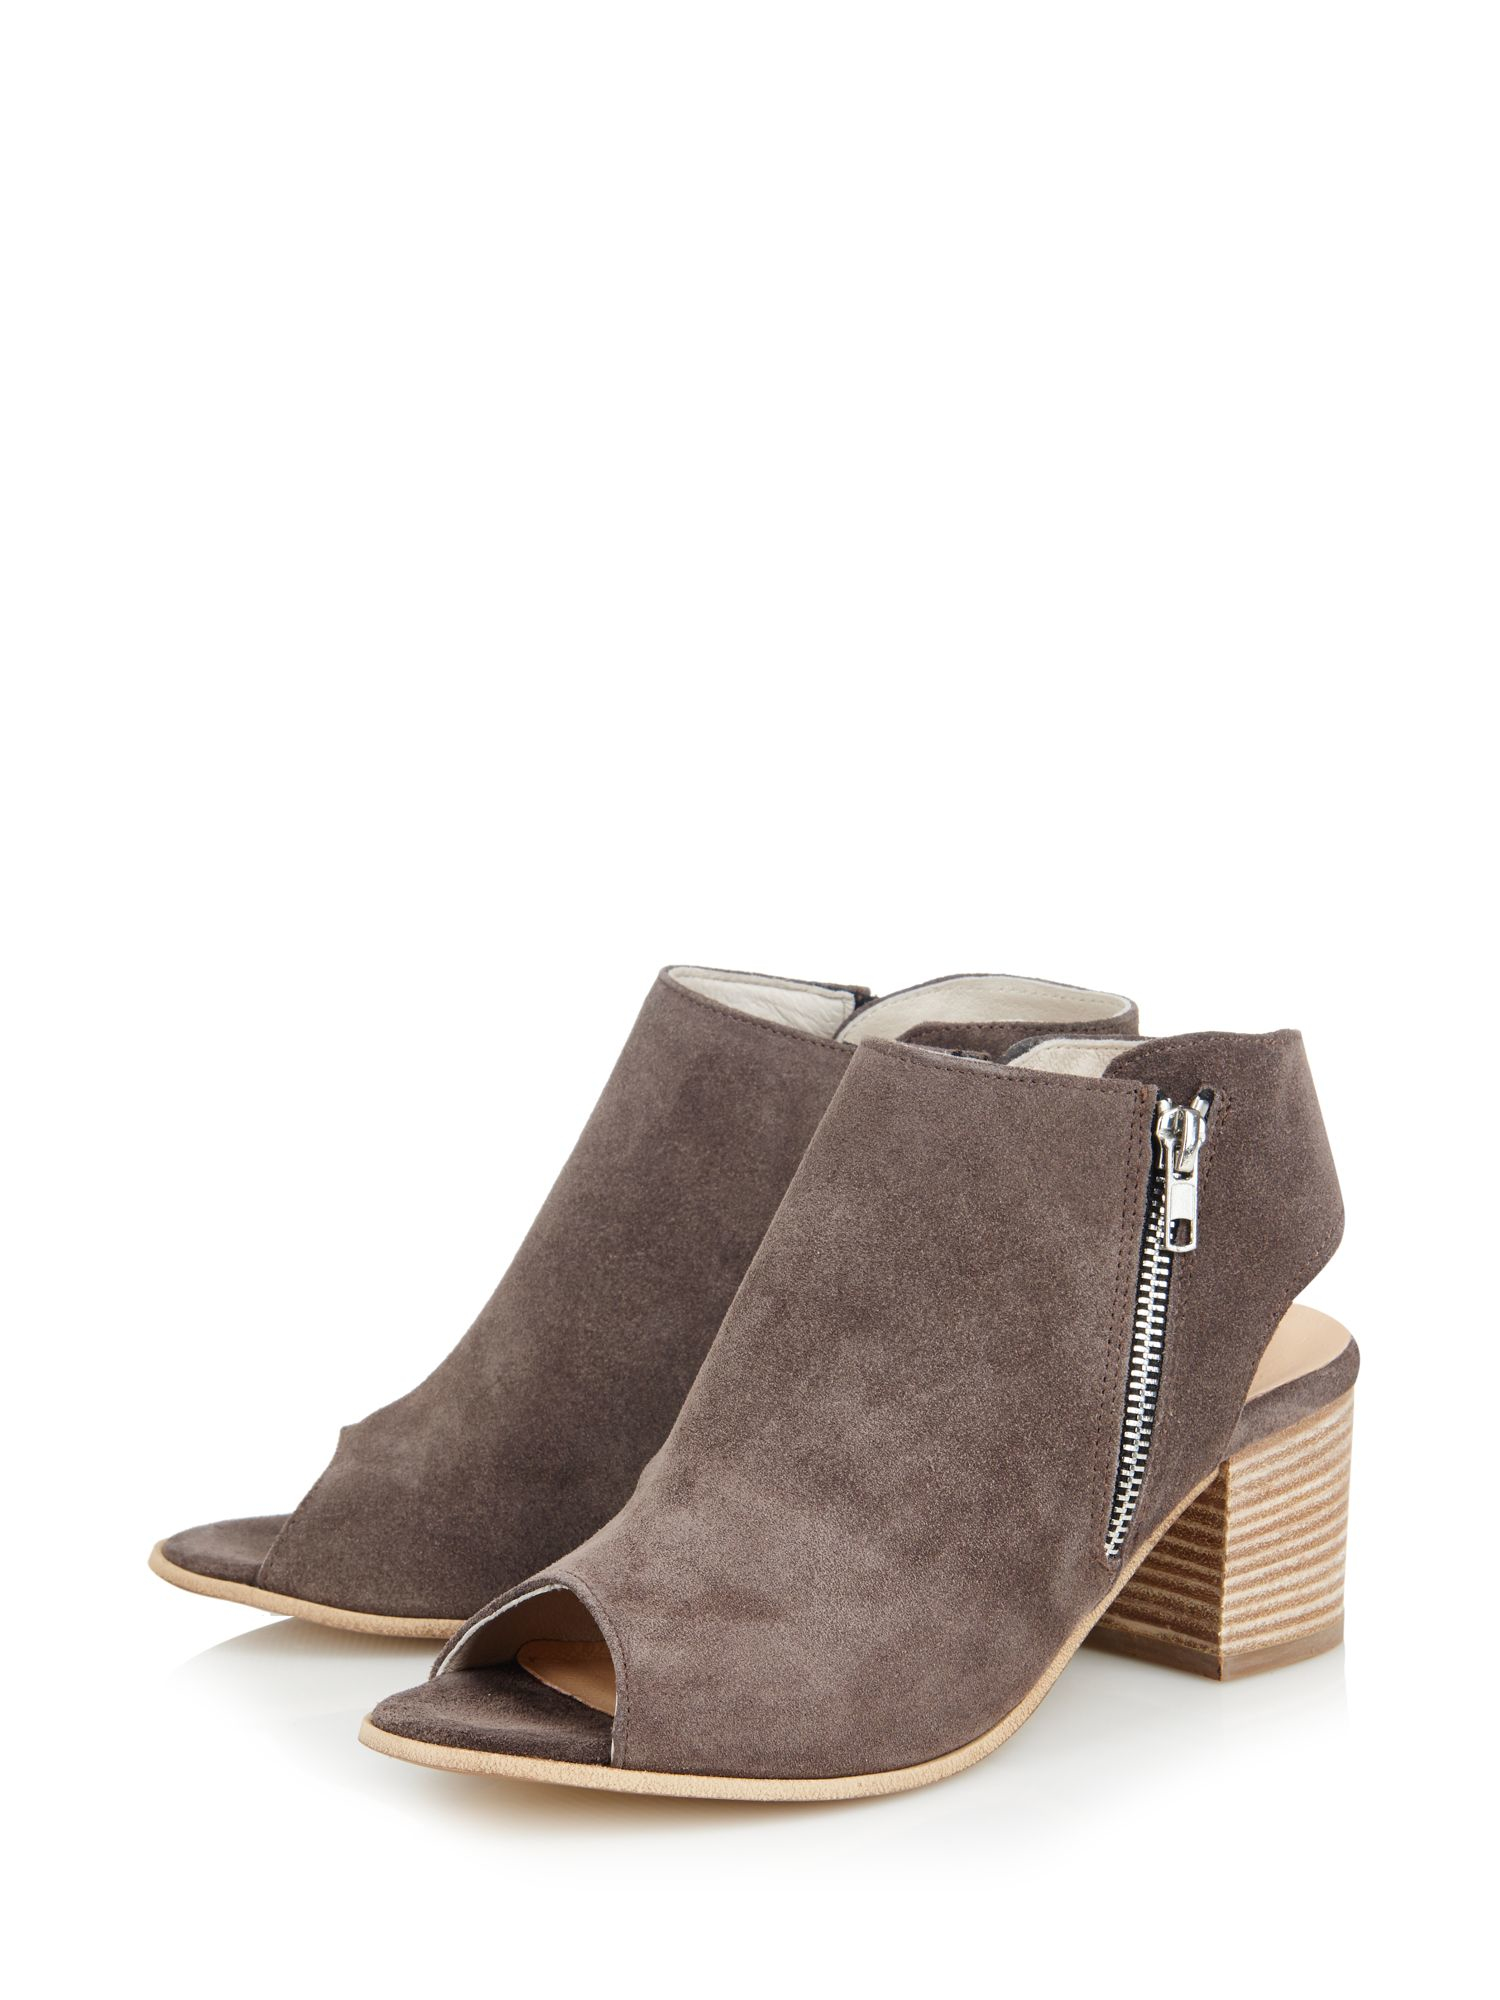 Cara Suede Pharo Peeptoe Ankle Boot in Grey (Brown)